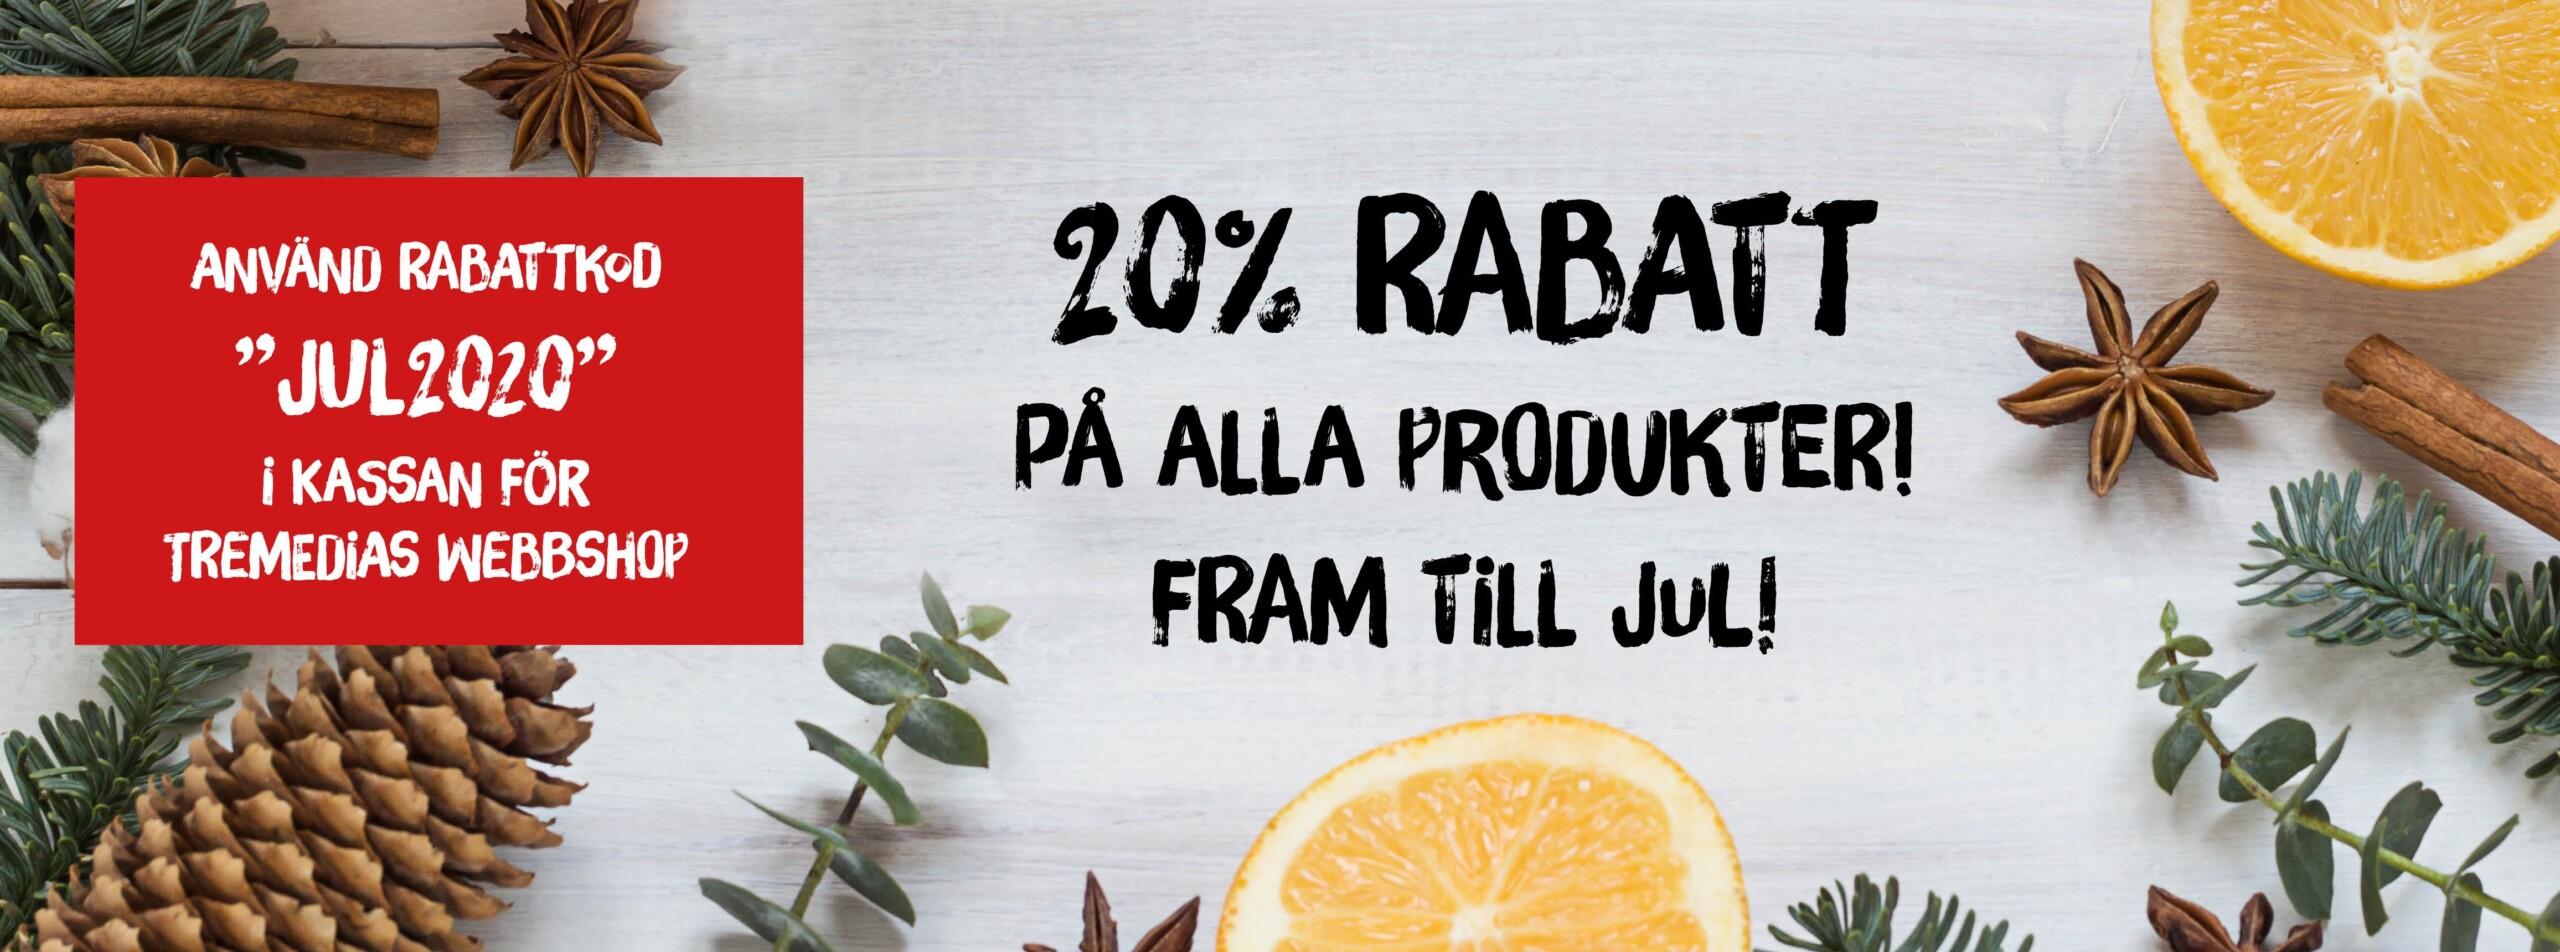 20% rabatt på alla produkter fram till jul